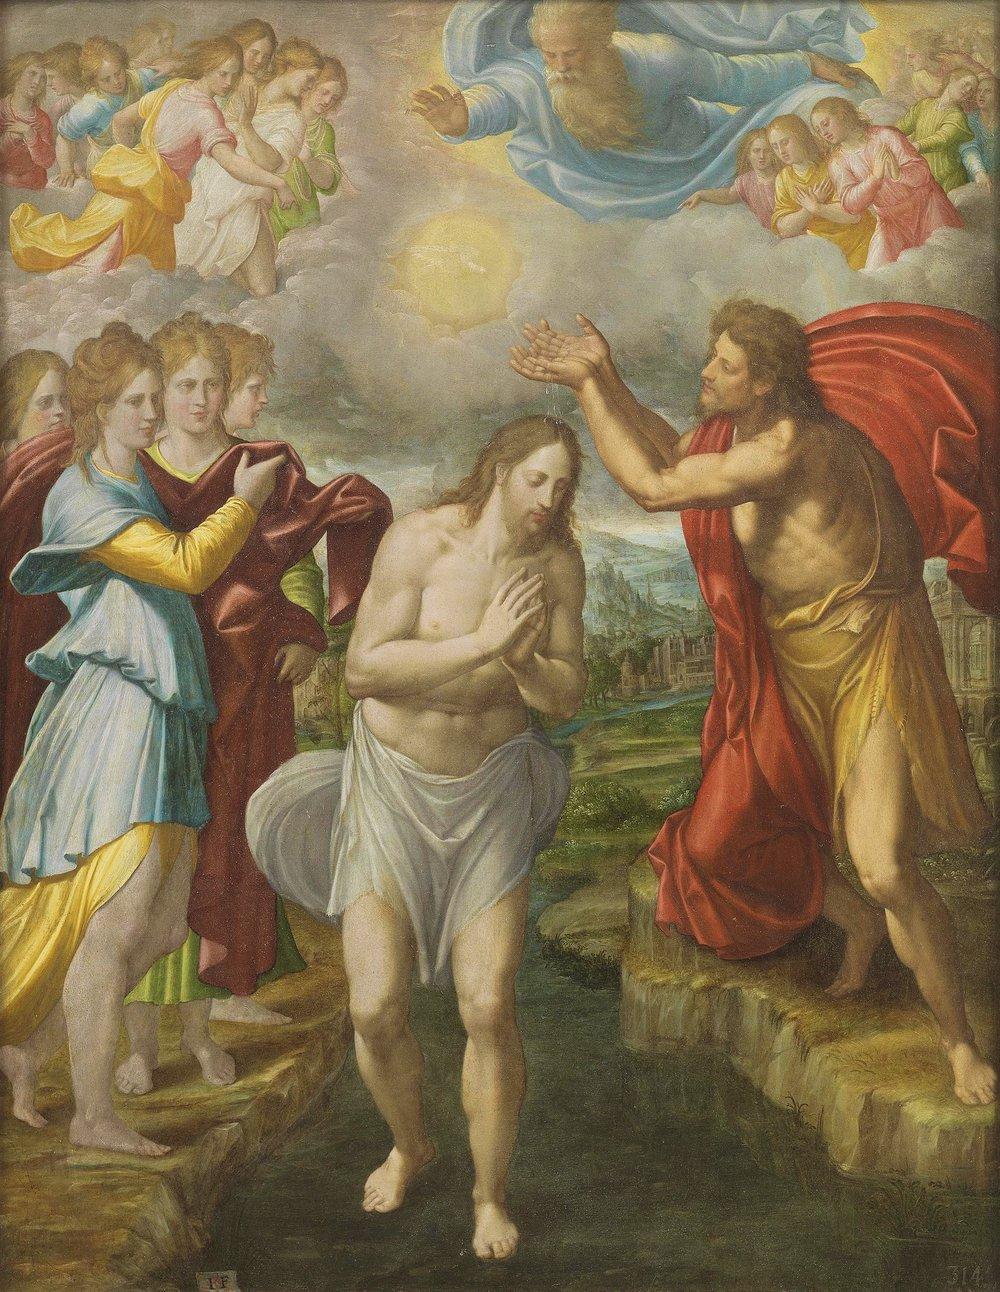 Bautismo de Cristo by Juan Fernández de Navarrete 1567.jpg